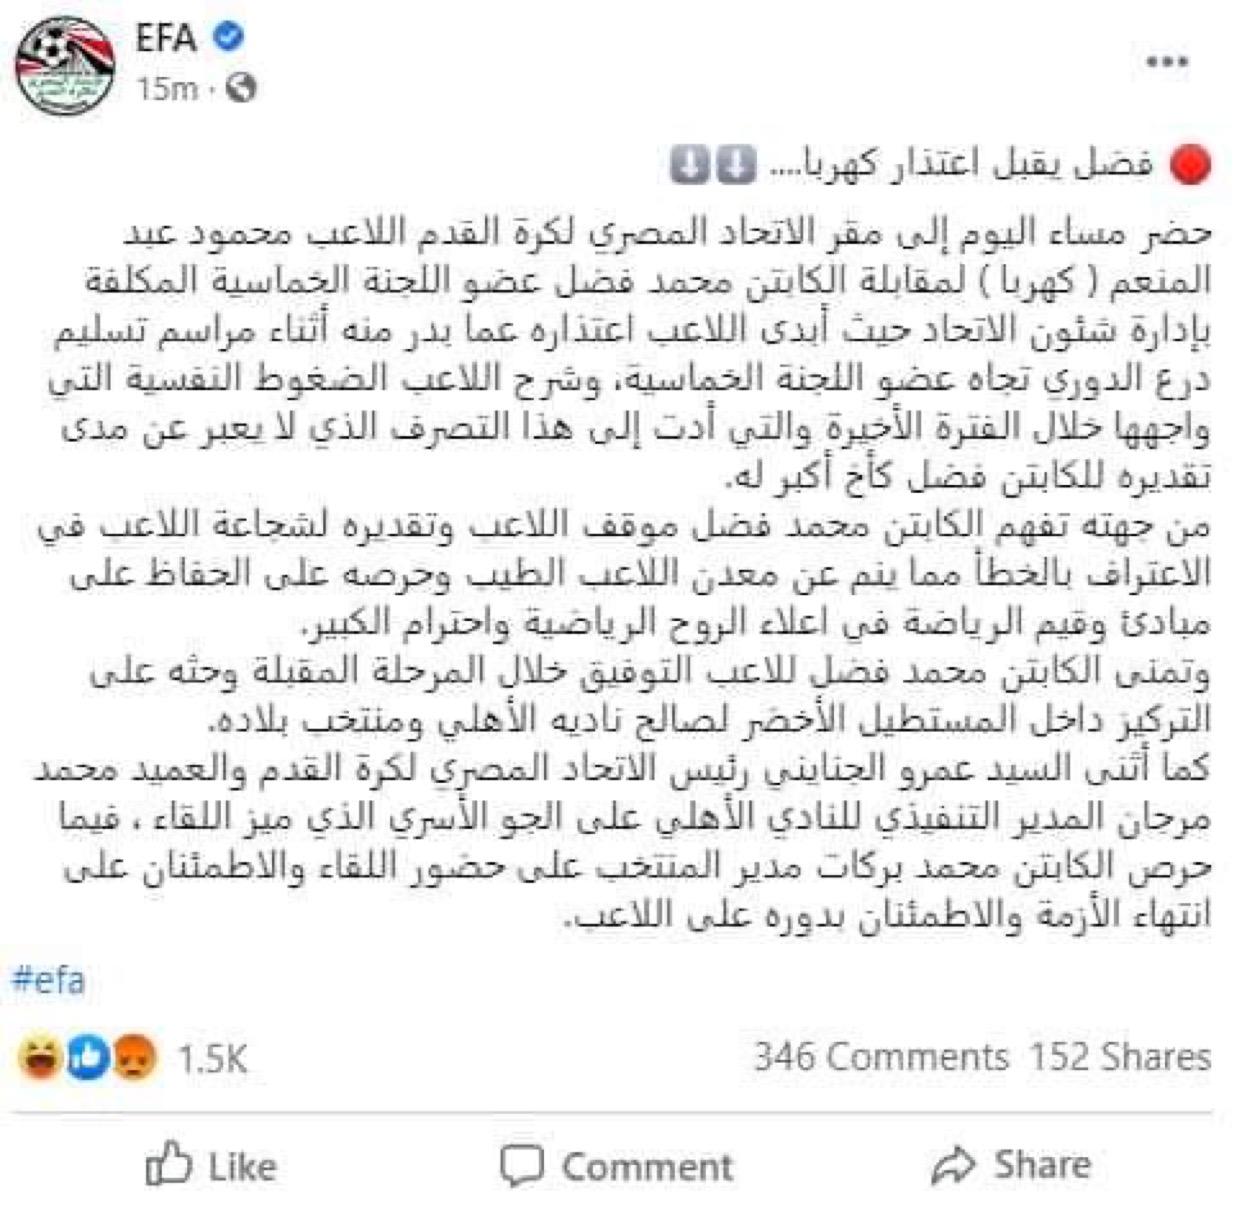 """الإتحاد المصري لكرة القدم قام بحذف بيان """"اعتذار"""" كهربا لـ محمد فضل"""